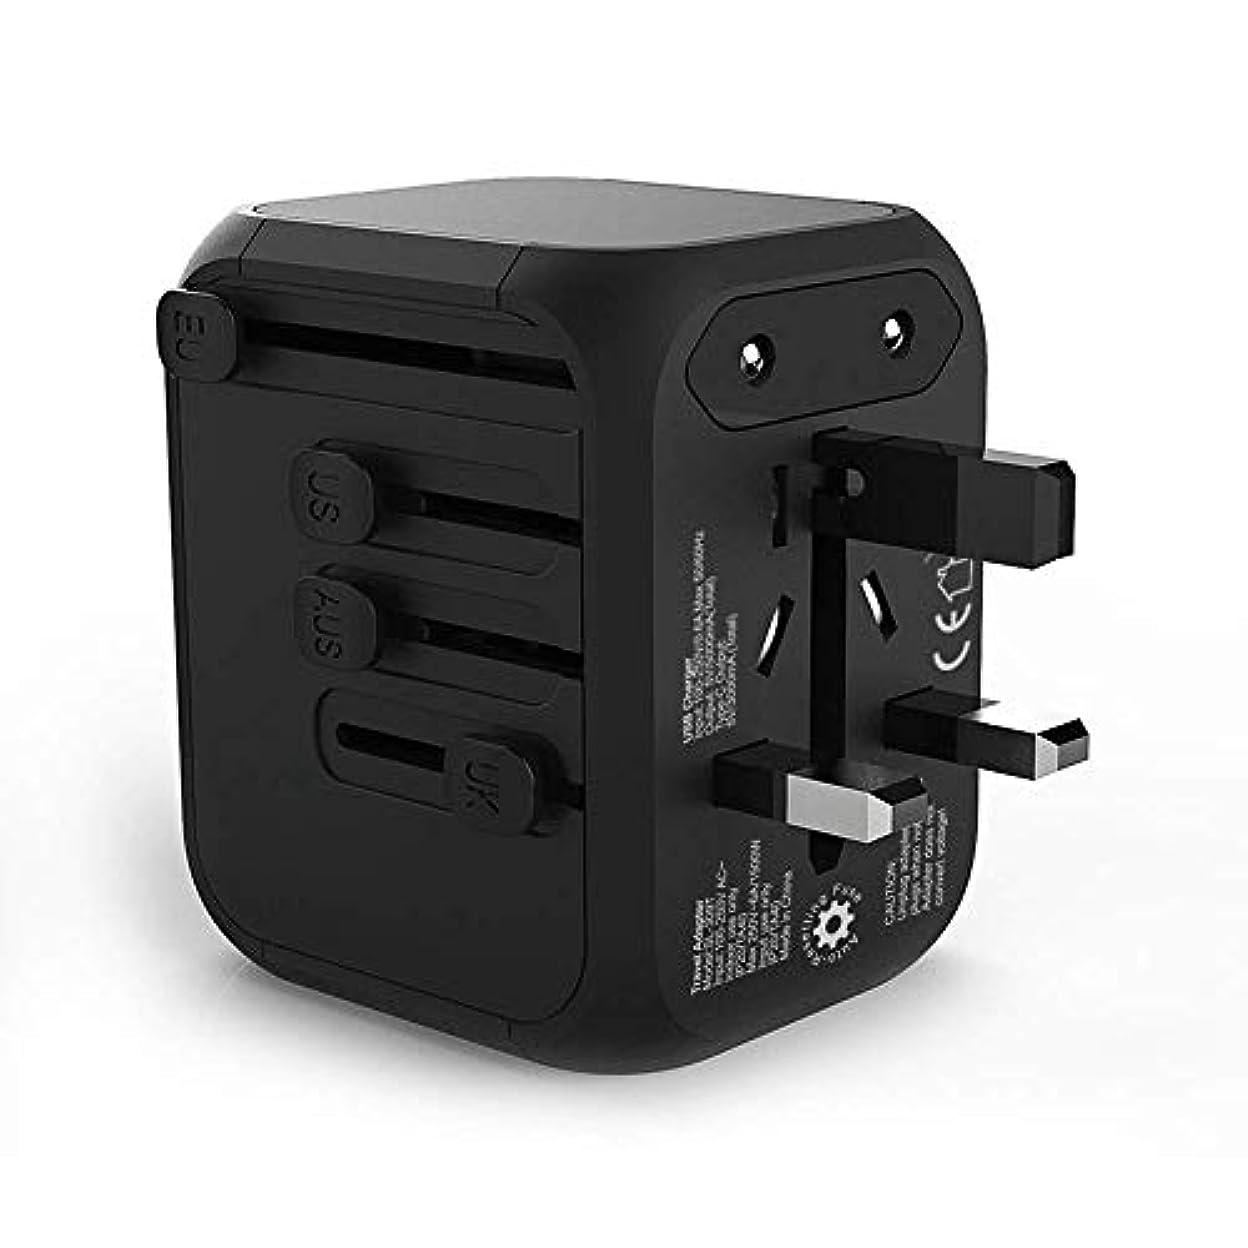 私達防腐剤ボートUSB充電器プラグ、各国用ソケット穴、ウォールチャージャー、5.0A、1Type-c、3ポートUSBプラグ充電器、iOS、iPad、タブレット、パワーバンク、ホーム、オフィス、ブラック用